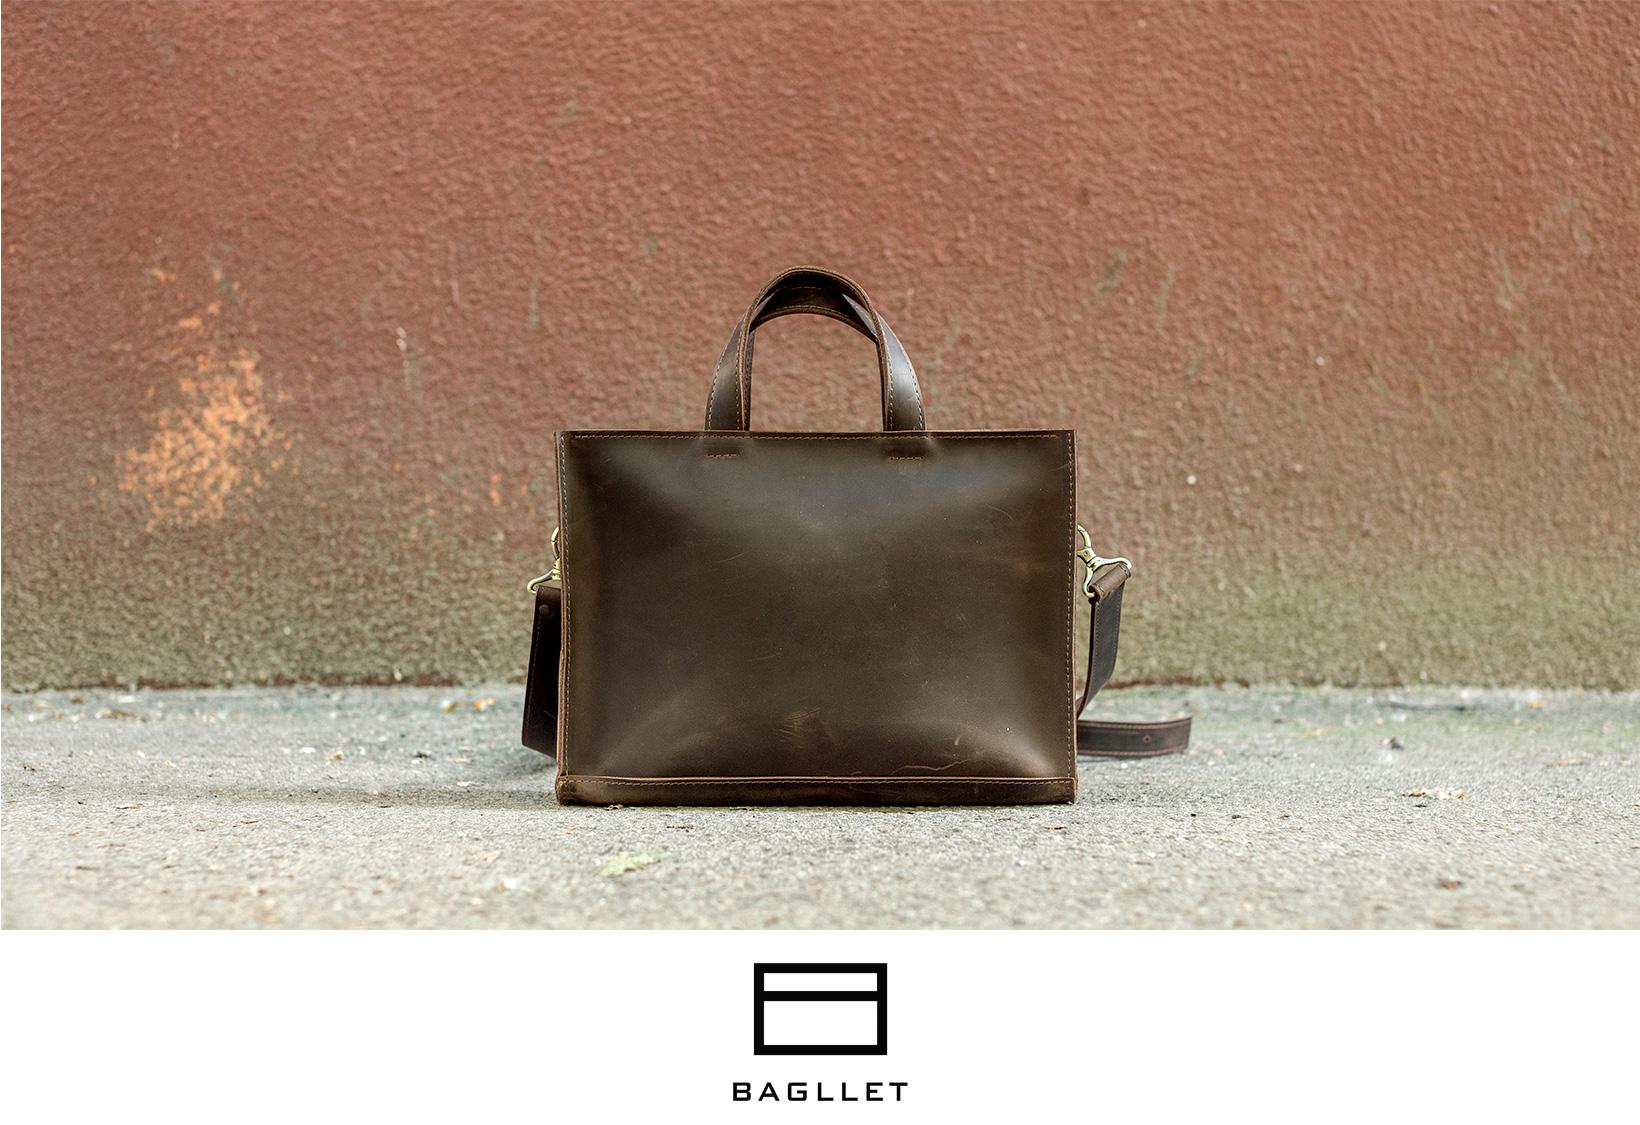 faaaff587b8d Сумки - Bagllet - сумки и аксессуары из натуральной кожи.